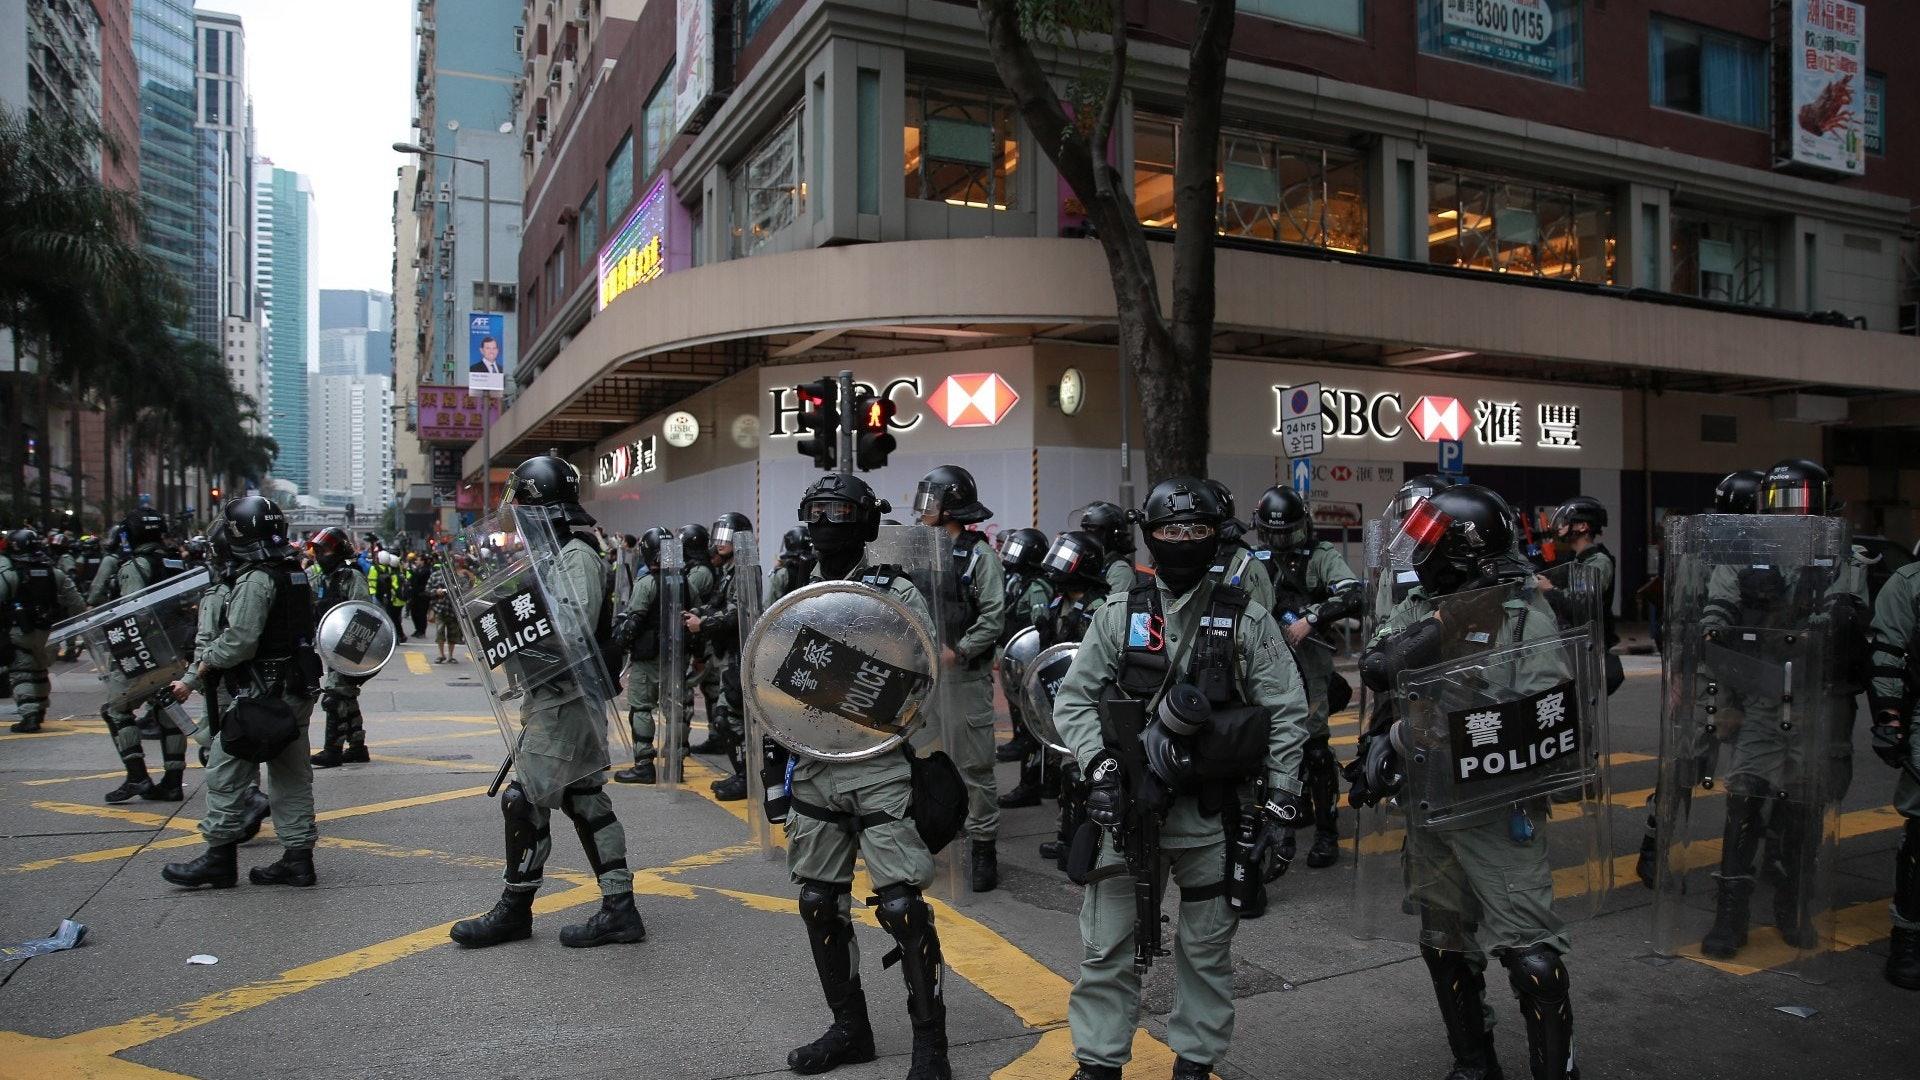 湾仔汇丰银行外爆发冲突。(HK01)